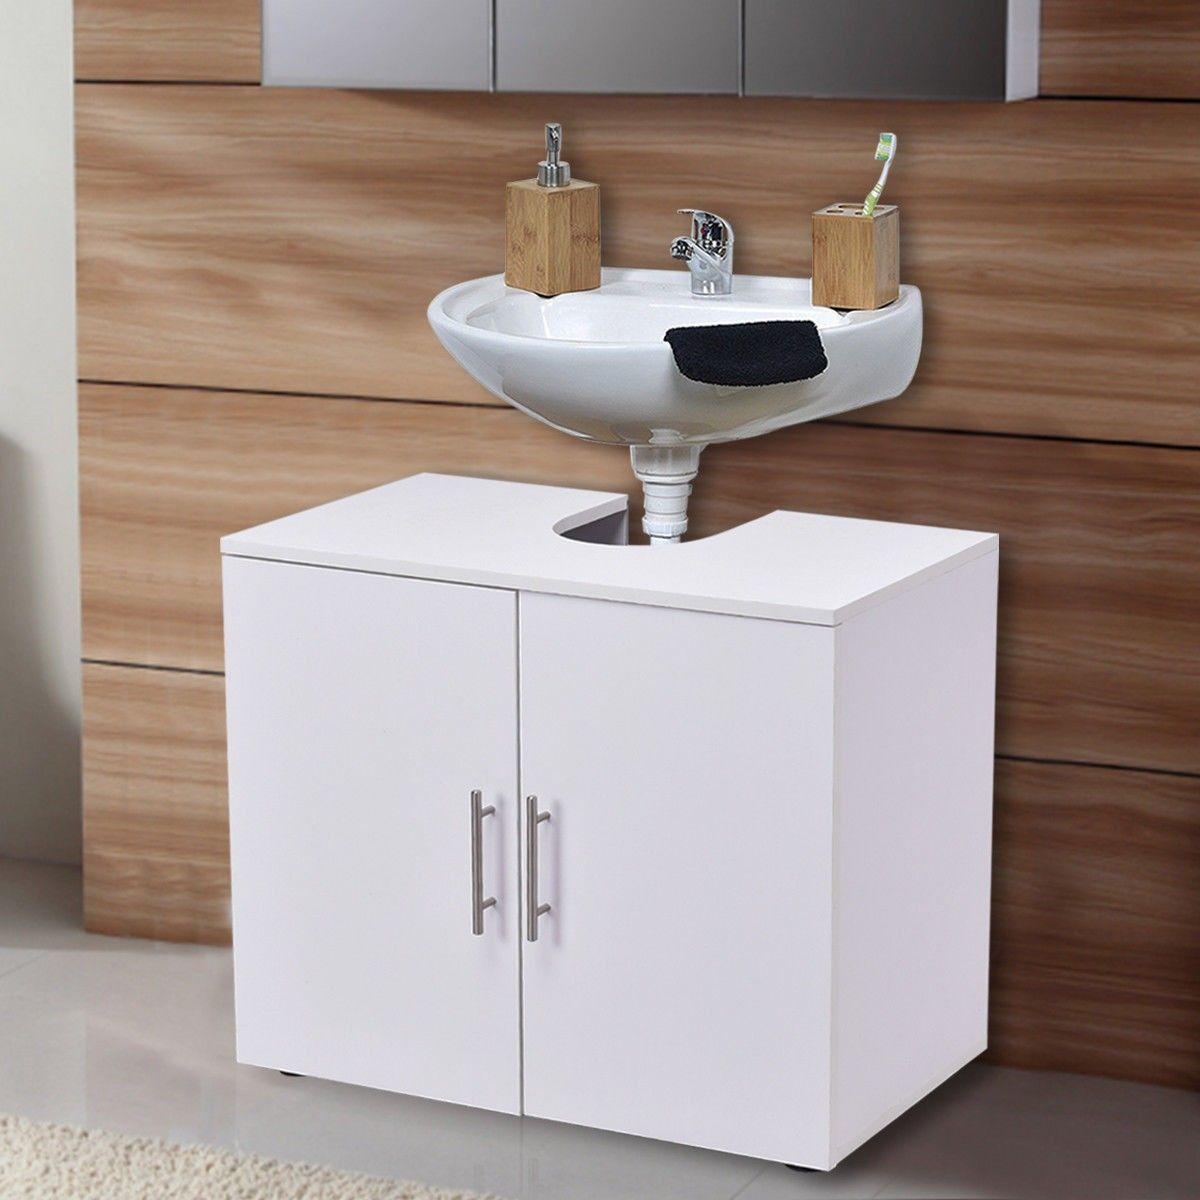 Non Pedestal Under Sink #Bathroom #Storage Vanity | Home & Garden ...